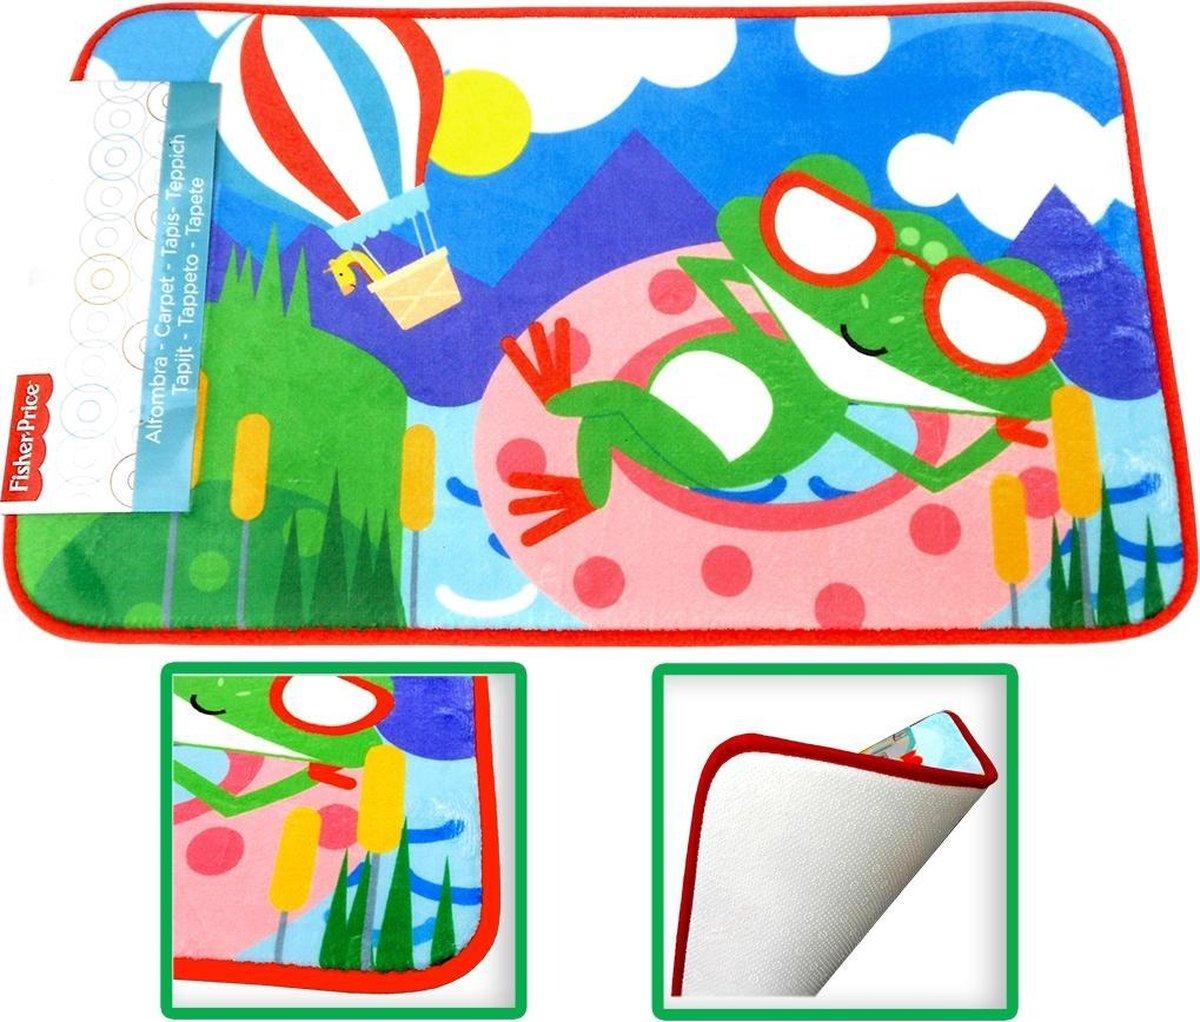 Fisher Price Kikker speelkleed tapijtje baby - super zacht materiaal - 45 x 75 cm groot